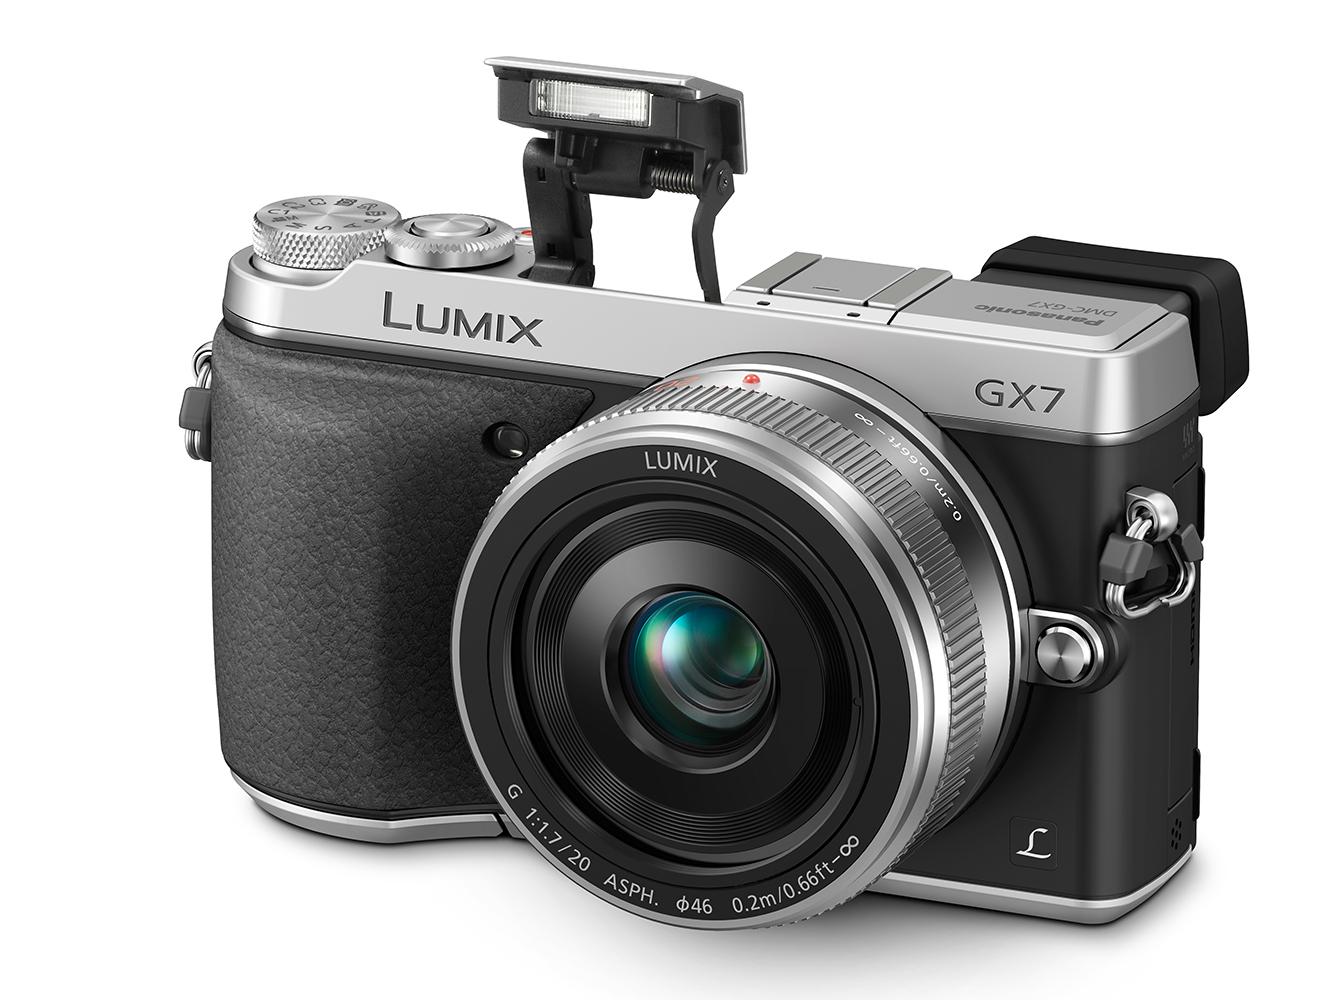 Panasonic Lumix DMC-GX7 là mẫu máy ảnh du lịch giá rẻ có kích thước nhỏ gọn, được bổ sung thêm kính ngắm điện tử